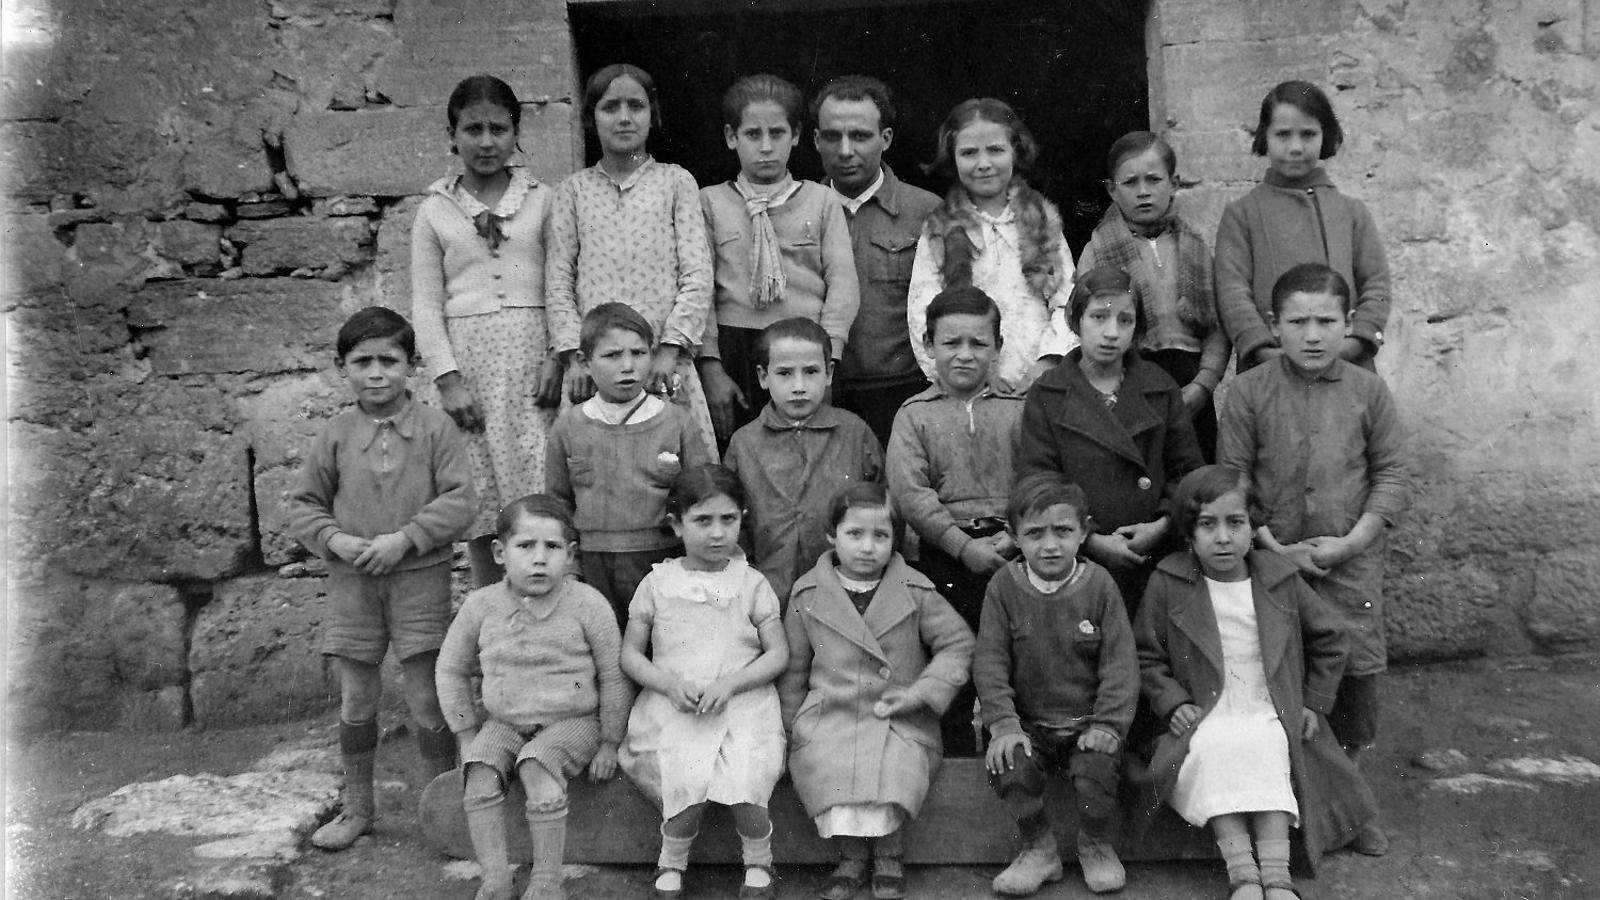 Una foto dels anys trenta del mestre Antoni Benaiges amb els seus alumnes a la porta de l'escola en una de les poques imatges del mestre que es conserven i que ha cedit el Museu Martítim de Barcelona per reproduir-la